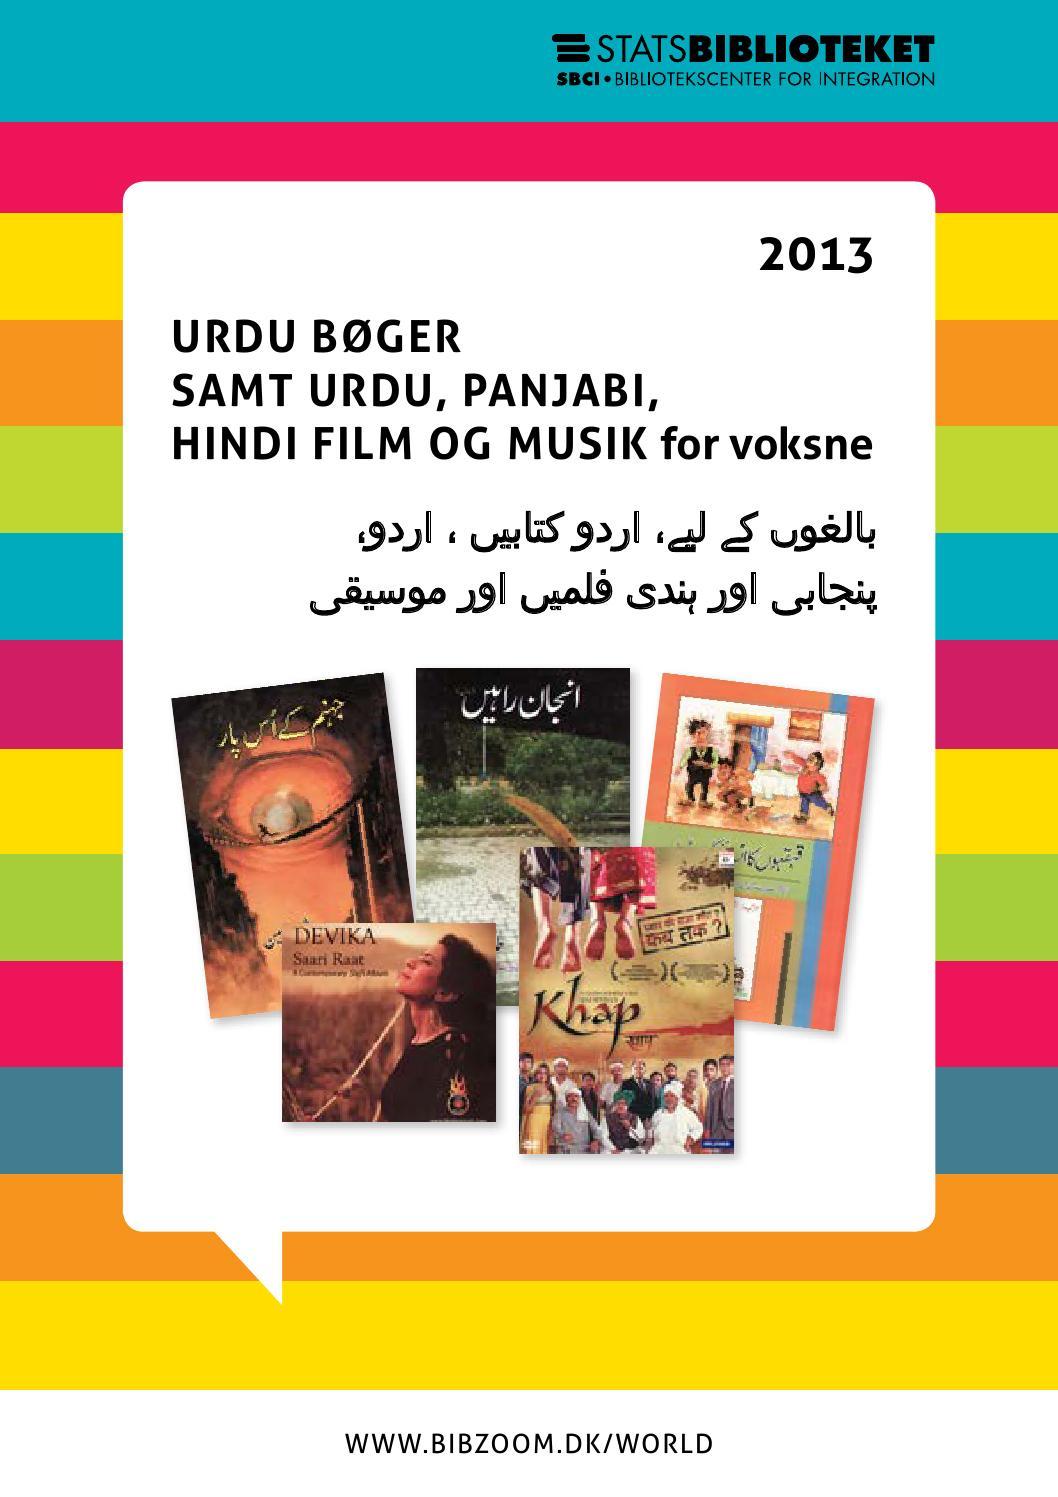 Urdu vo 2013 by Frederiksberg Bibliotek - issuu 2ac19a42b8fde